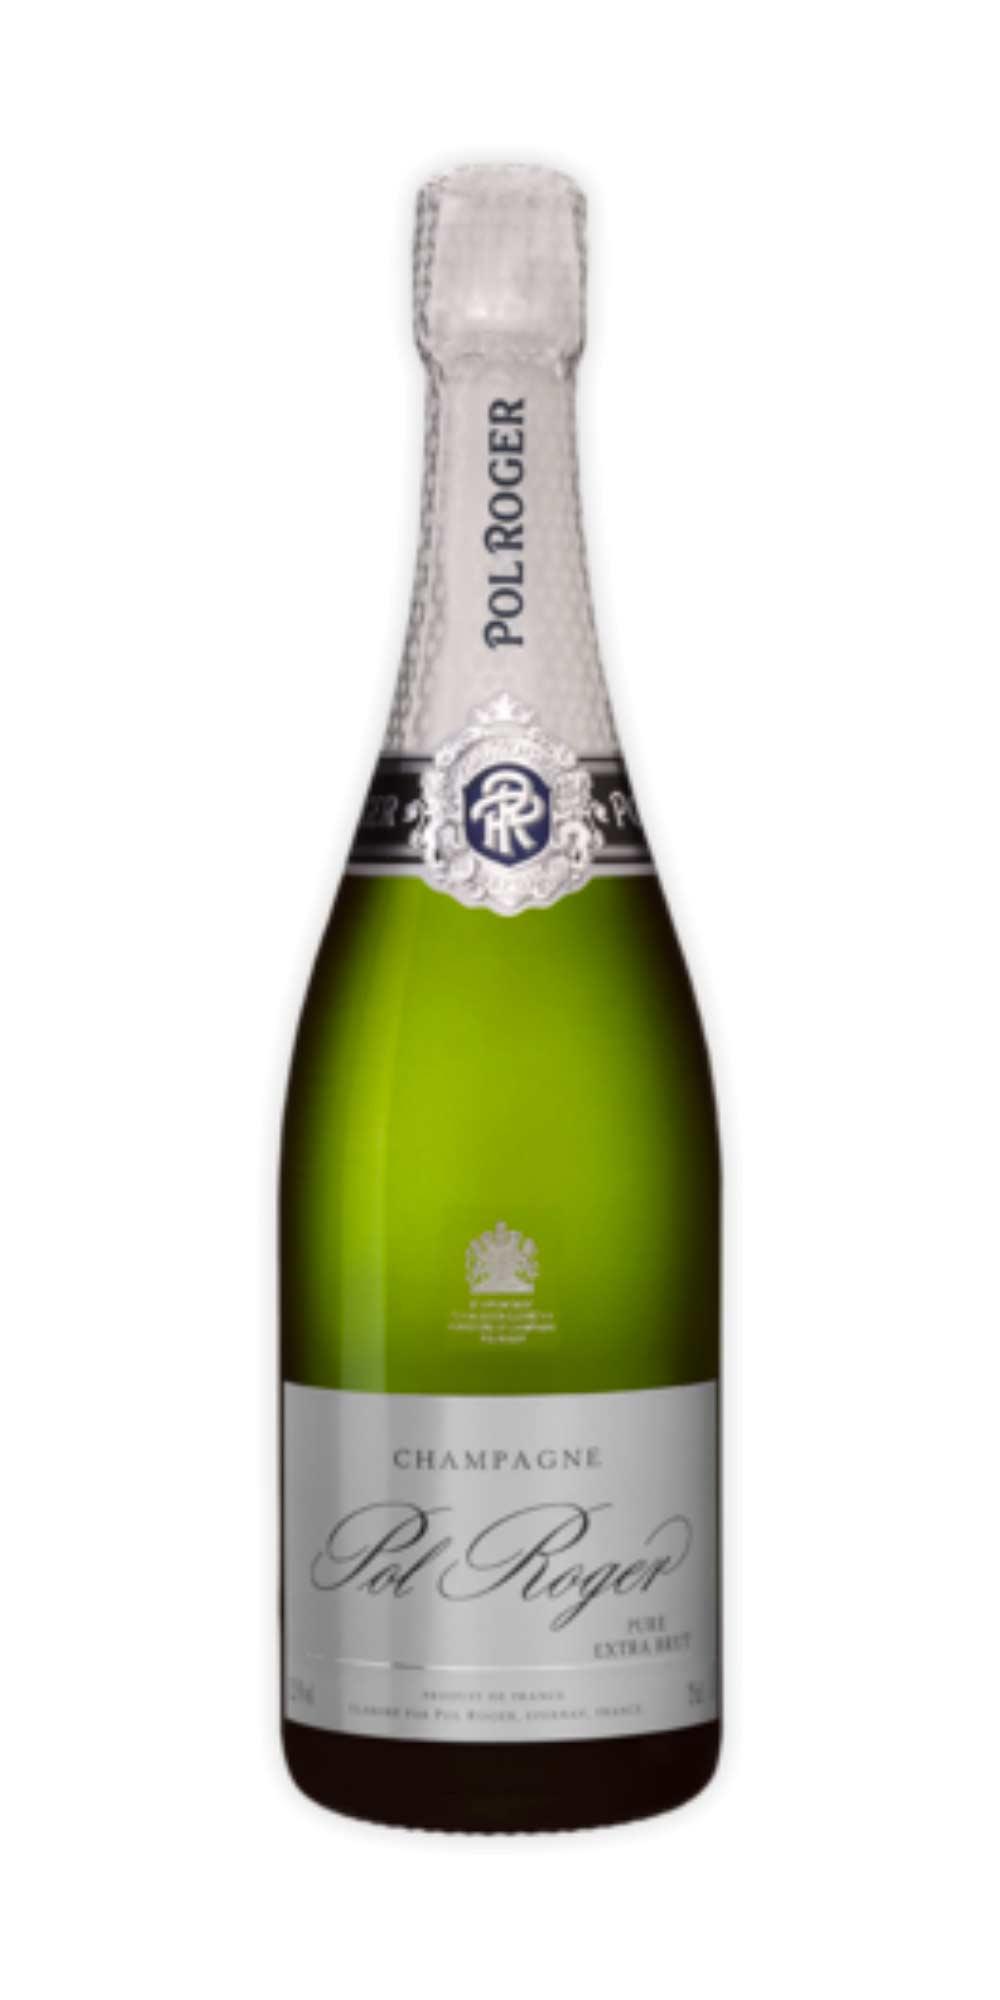 Champagne extra-brut Pure Pol Roger - Wine il vino